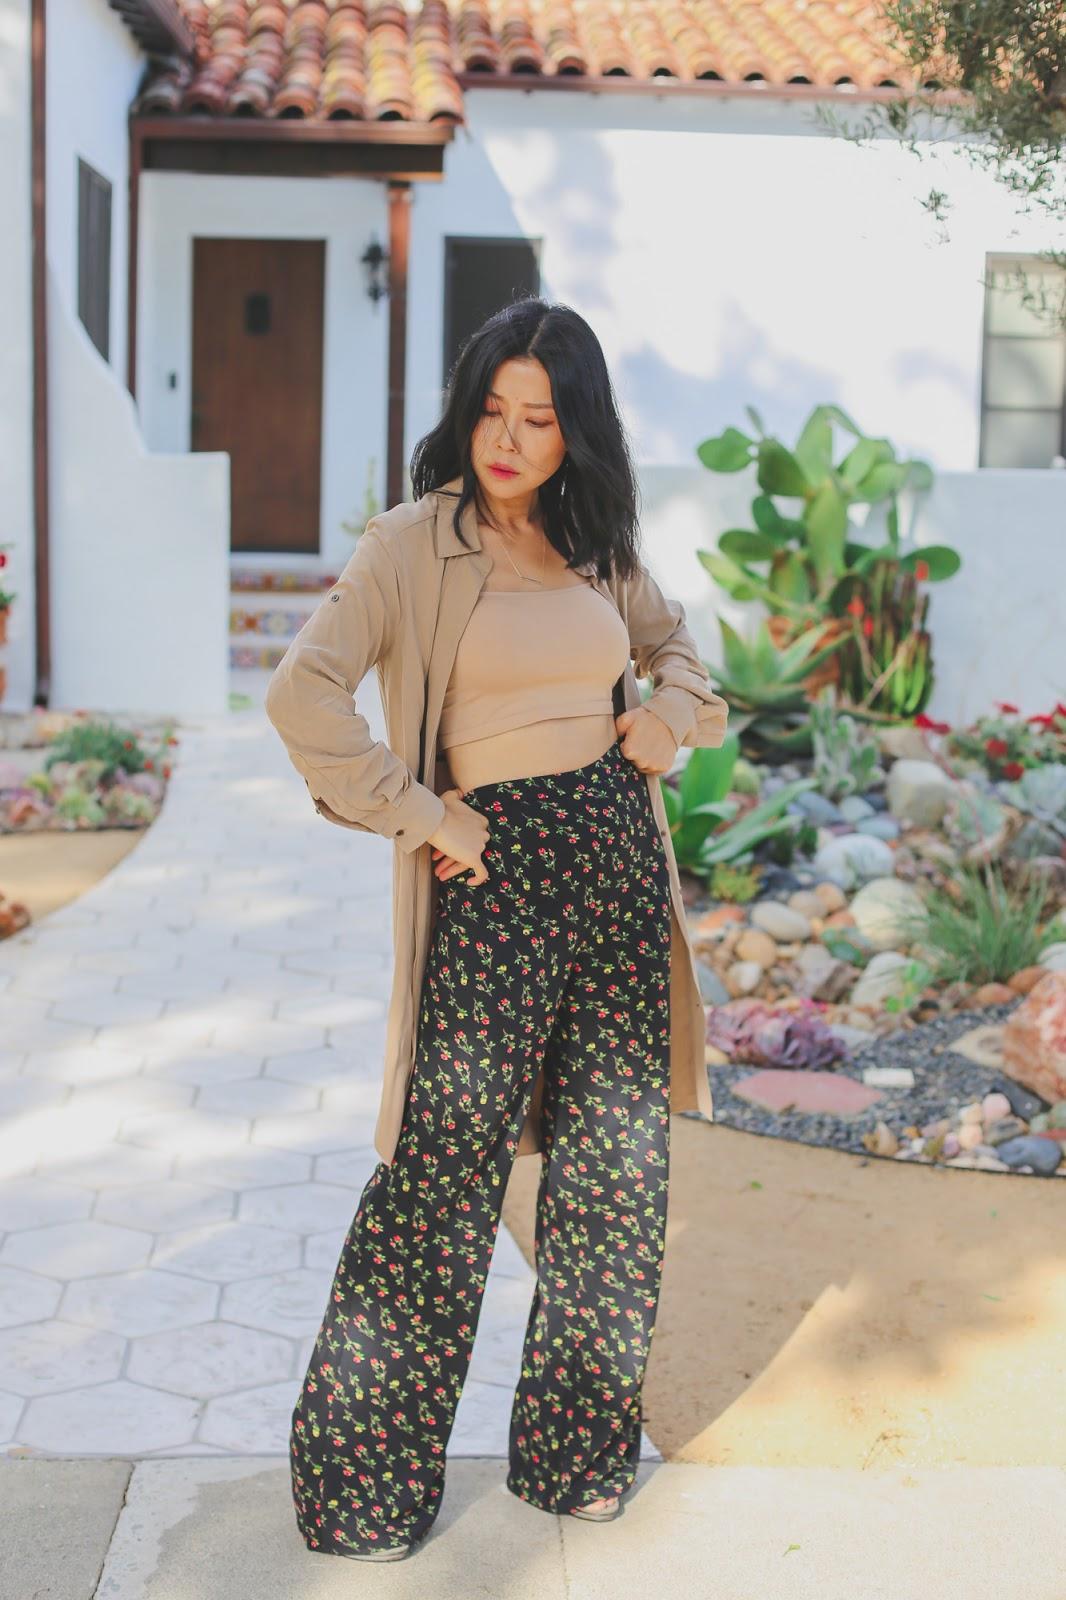 Fall 2018 outfit idea